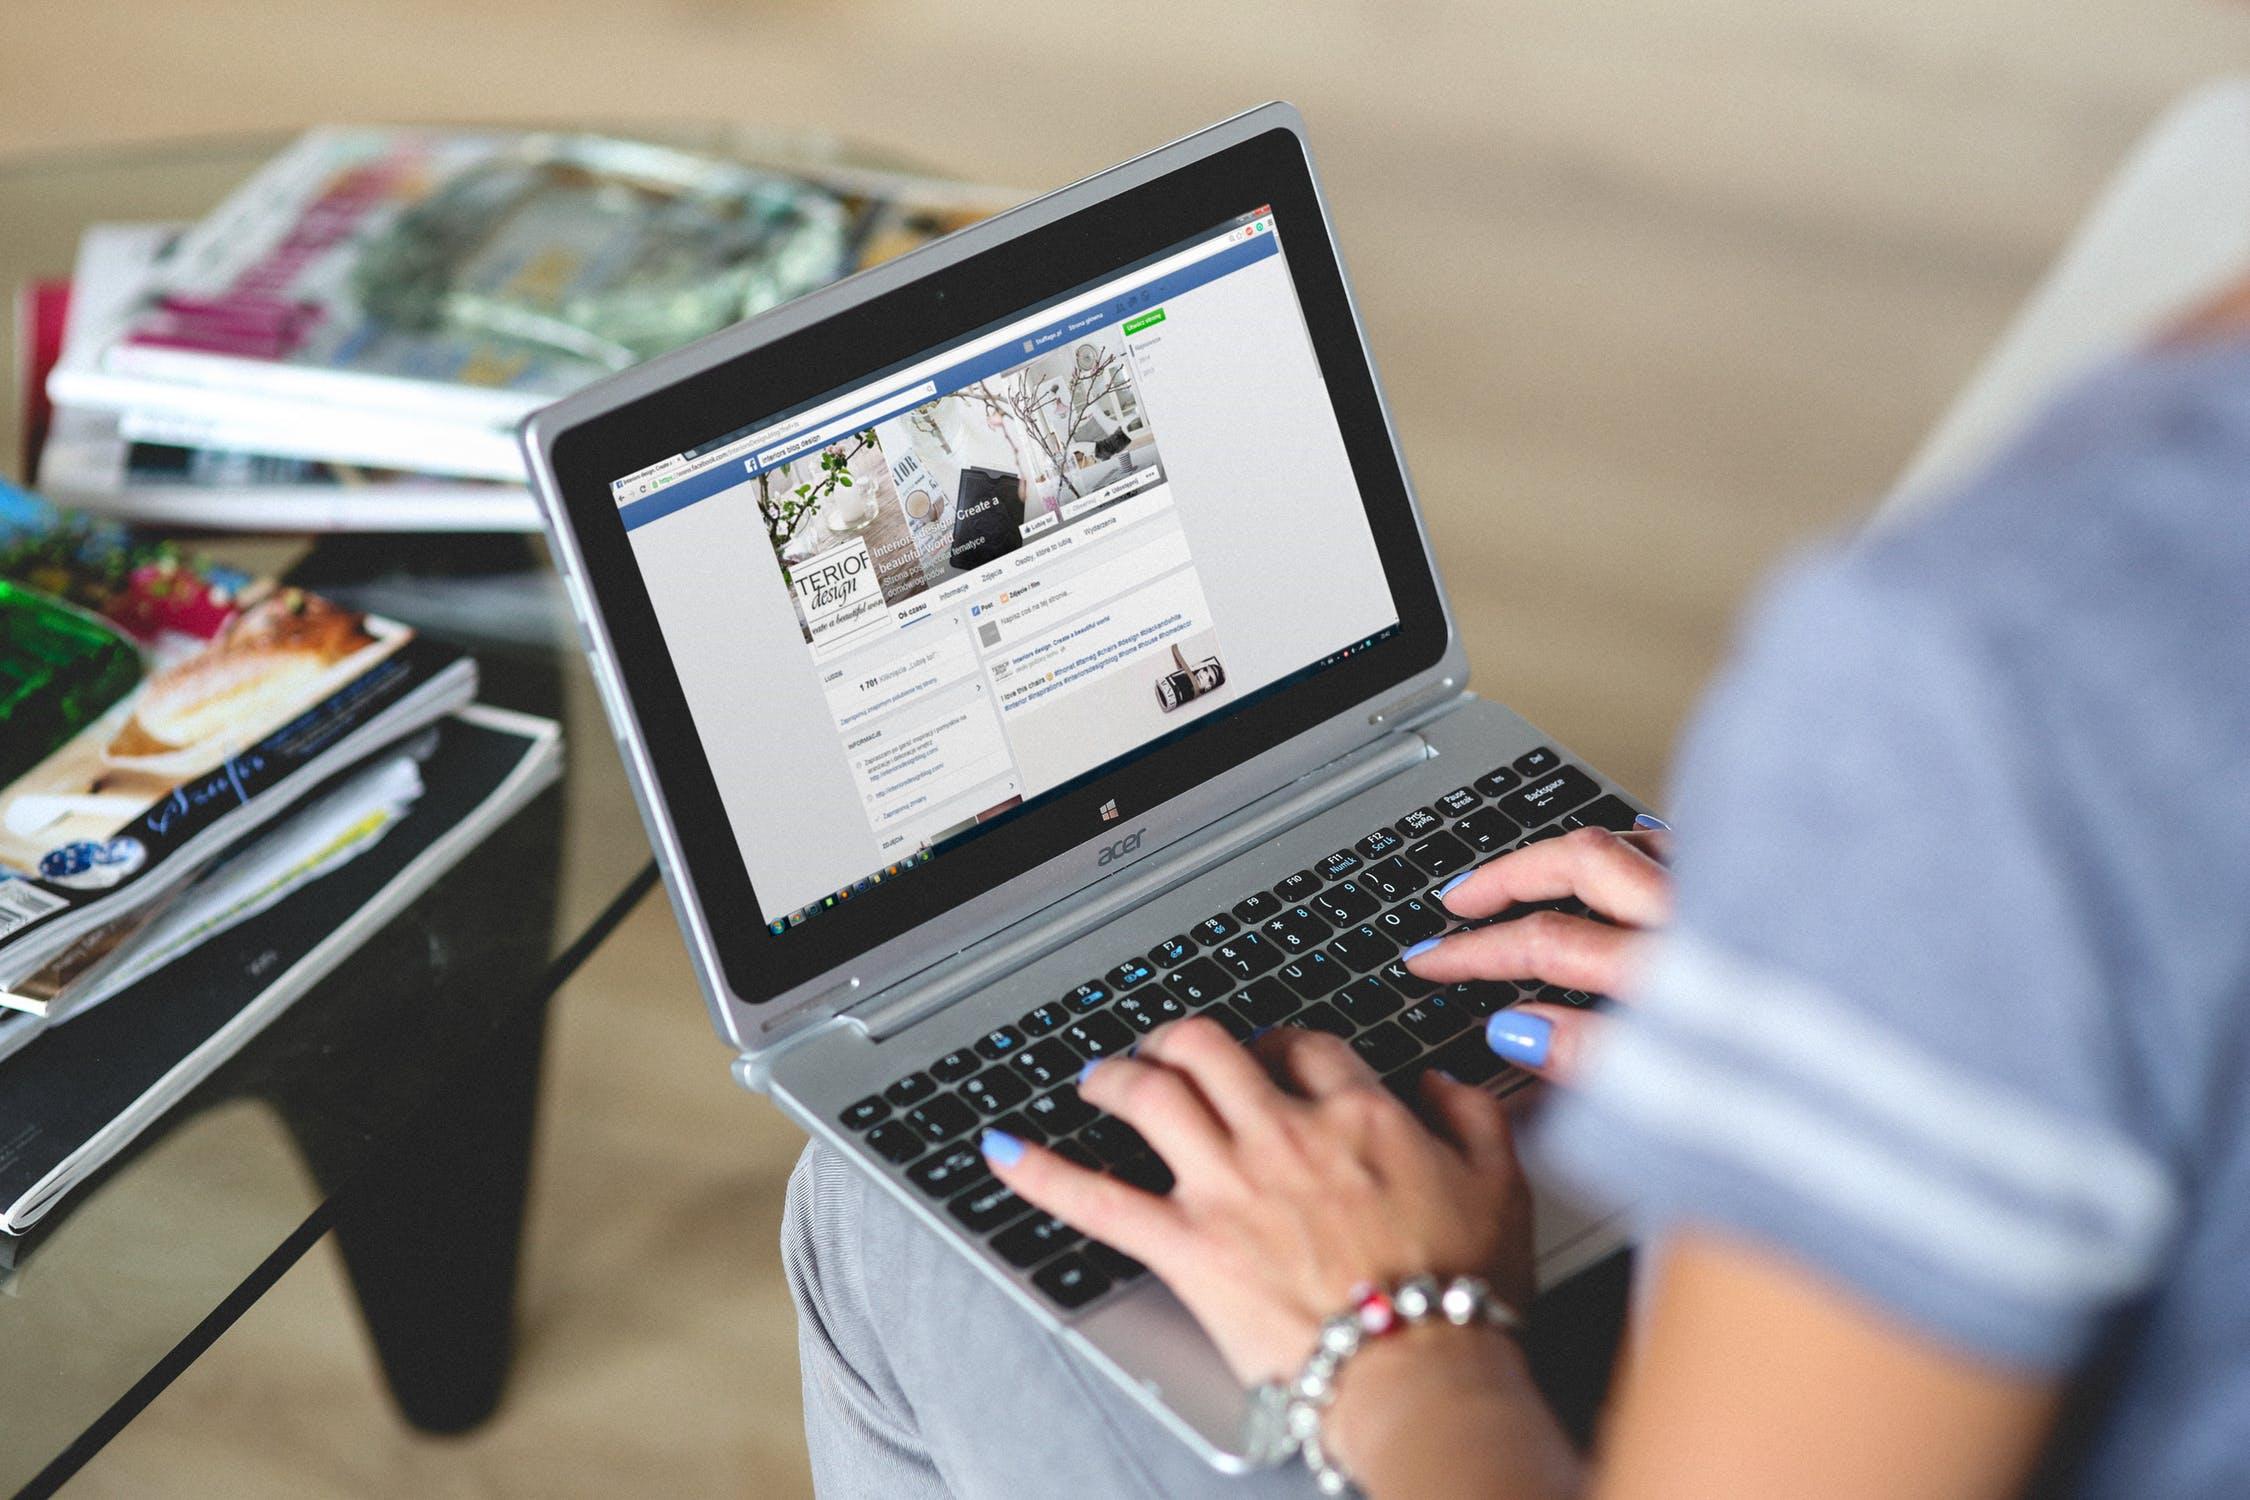 hands-woman-laptop-notebook (1).jpg